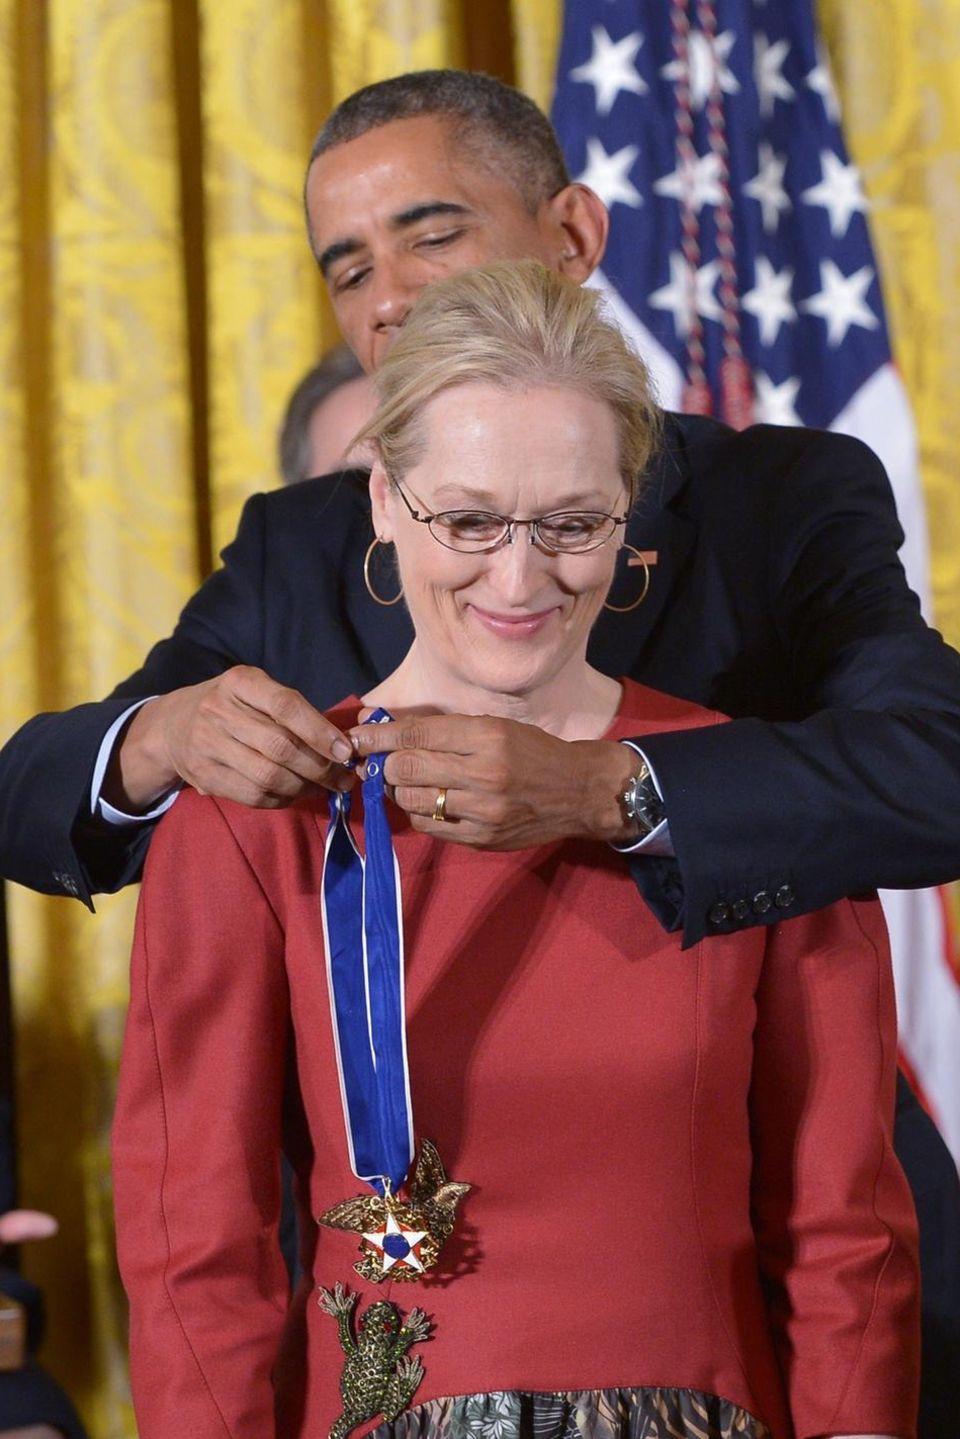 2014 verleiht der damalige US-Präsident Barack Obama der Schauspielerin und Aktivistin die Friedensmedaille.